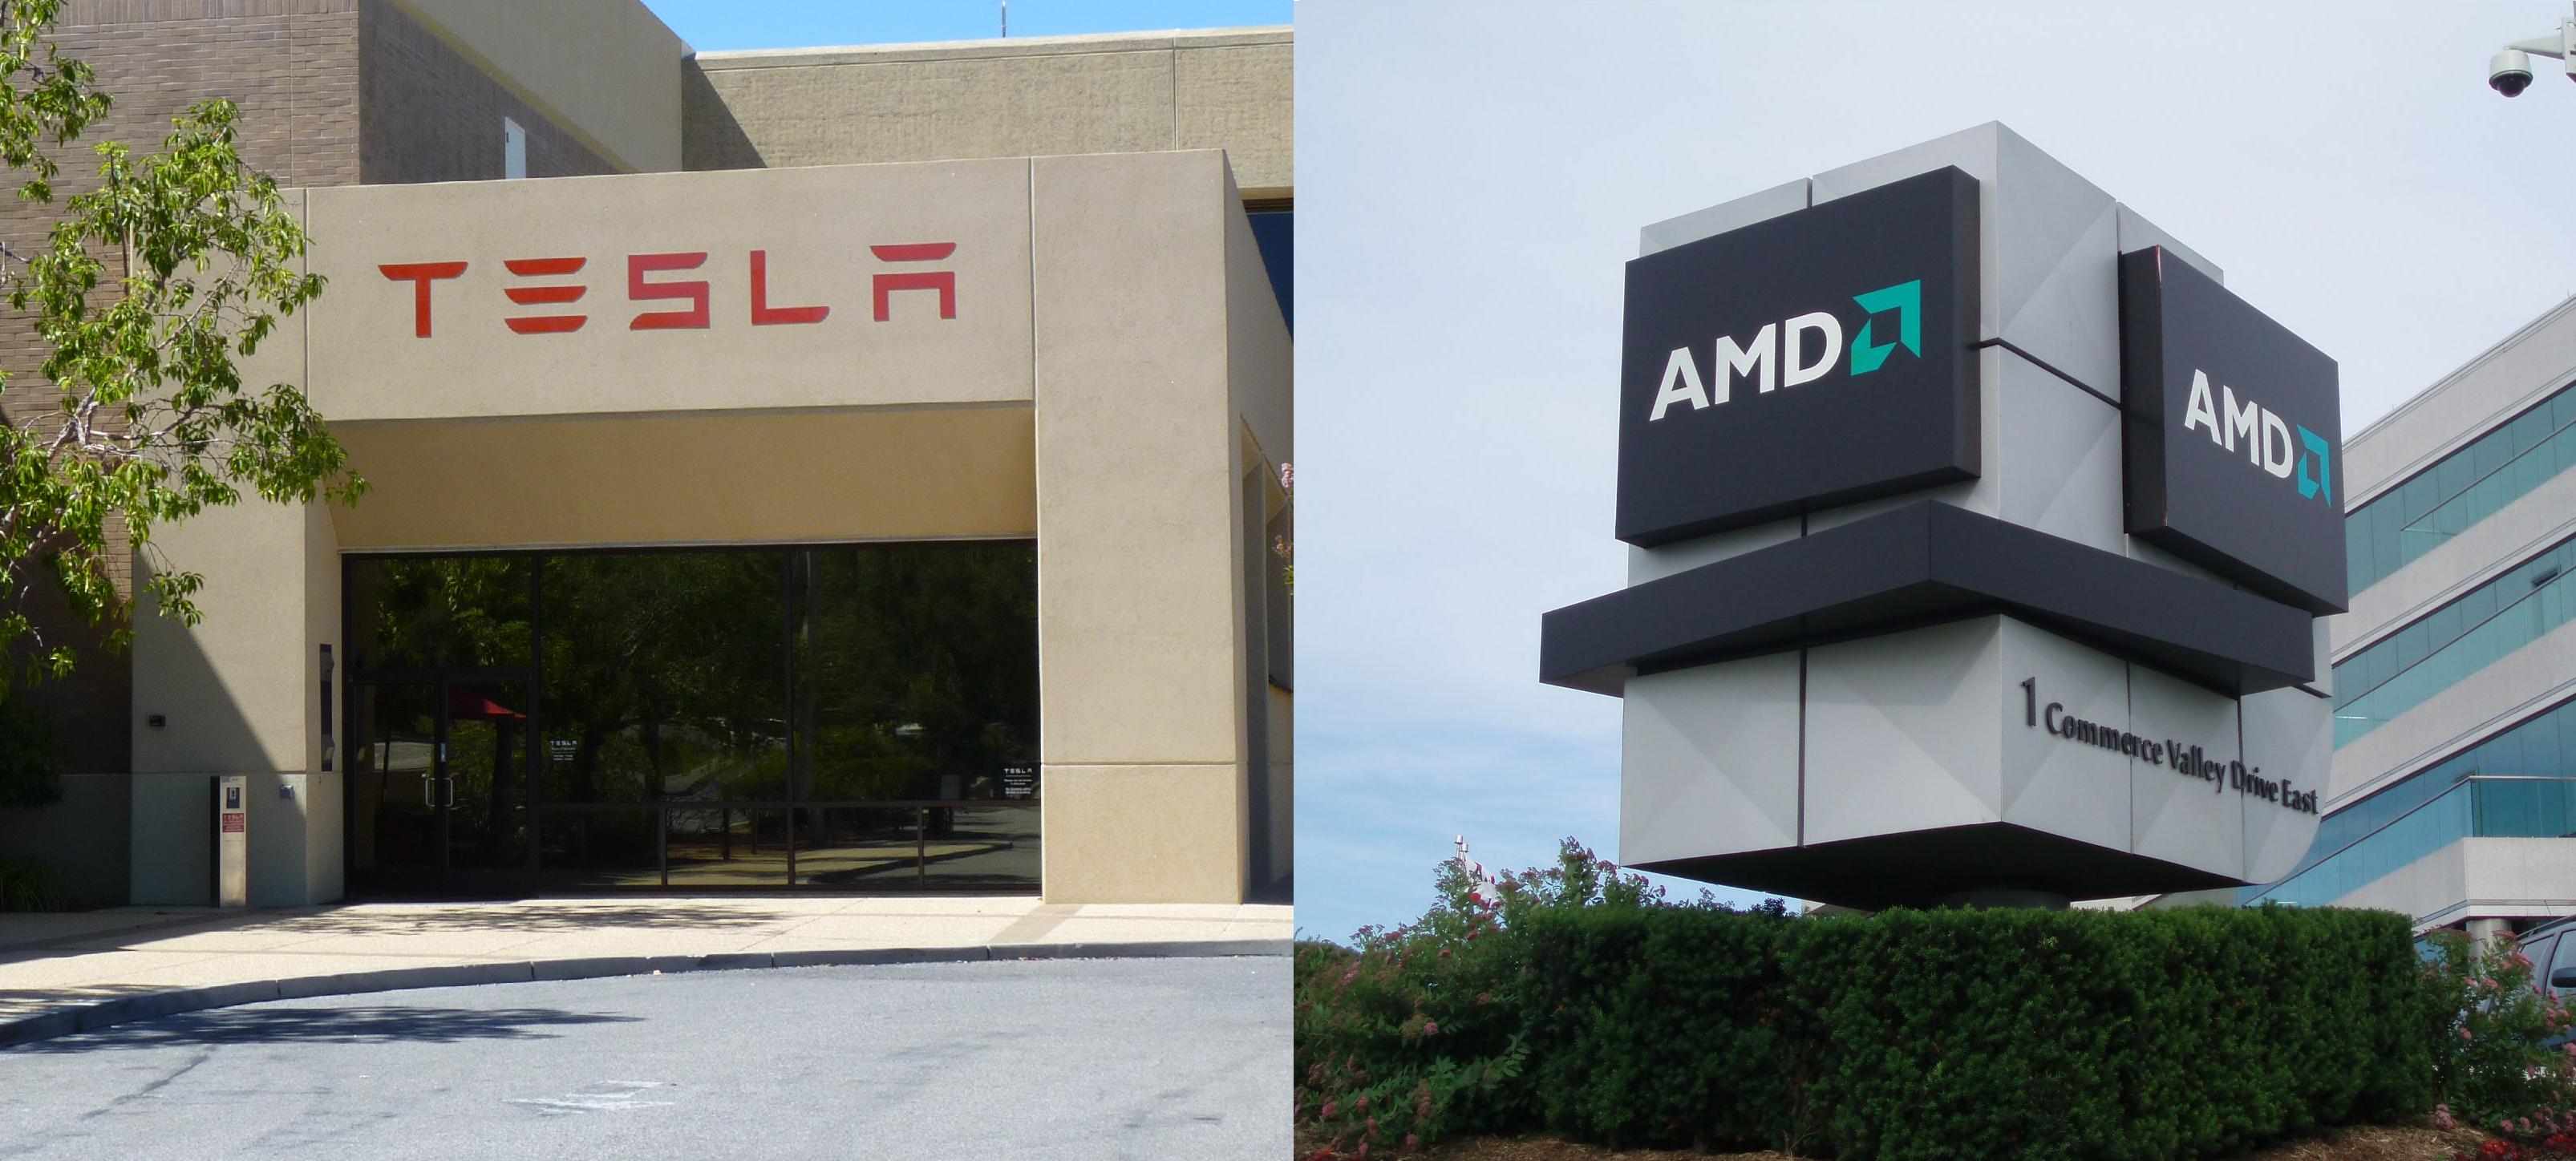 AMD Tesla